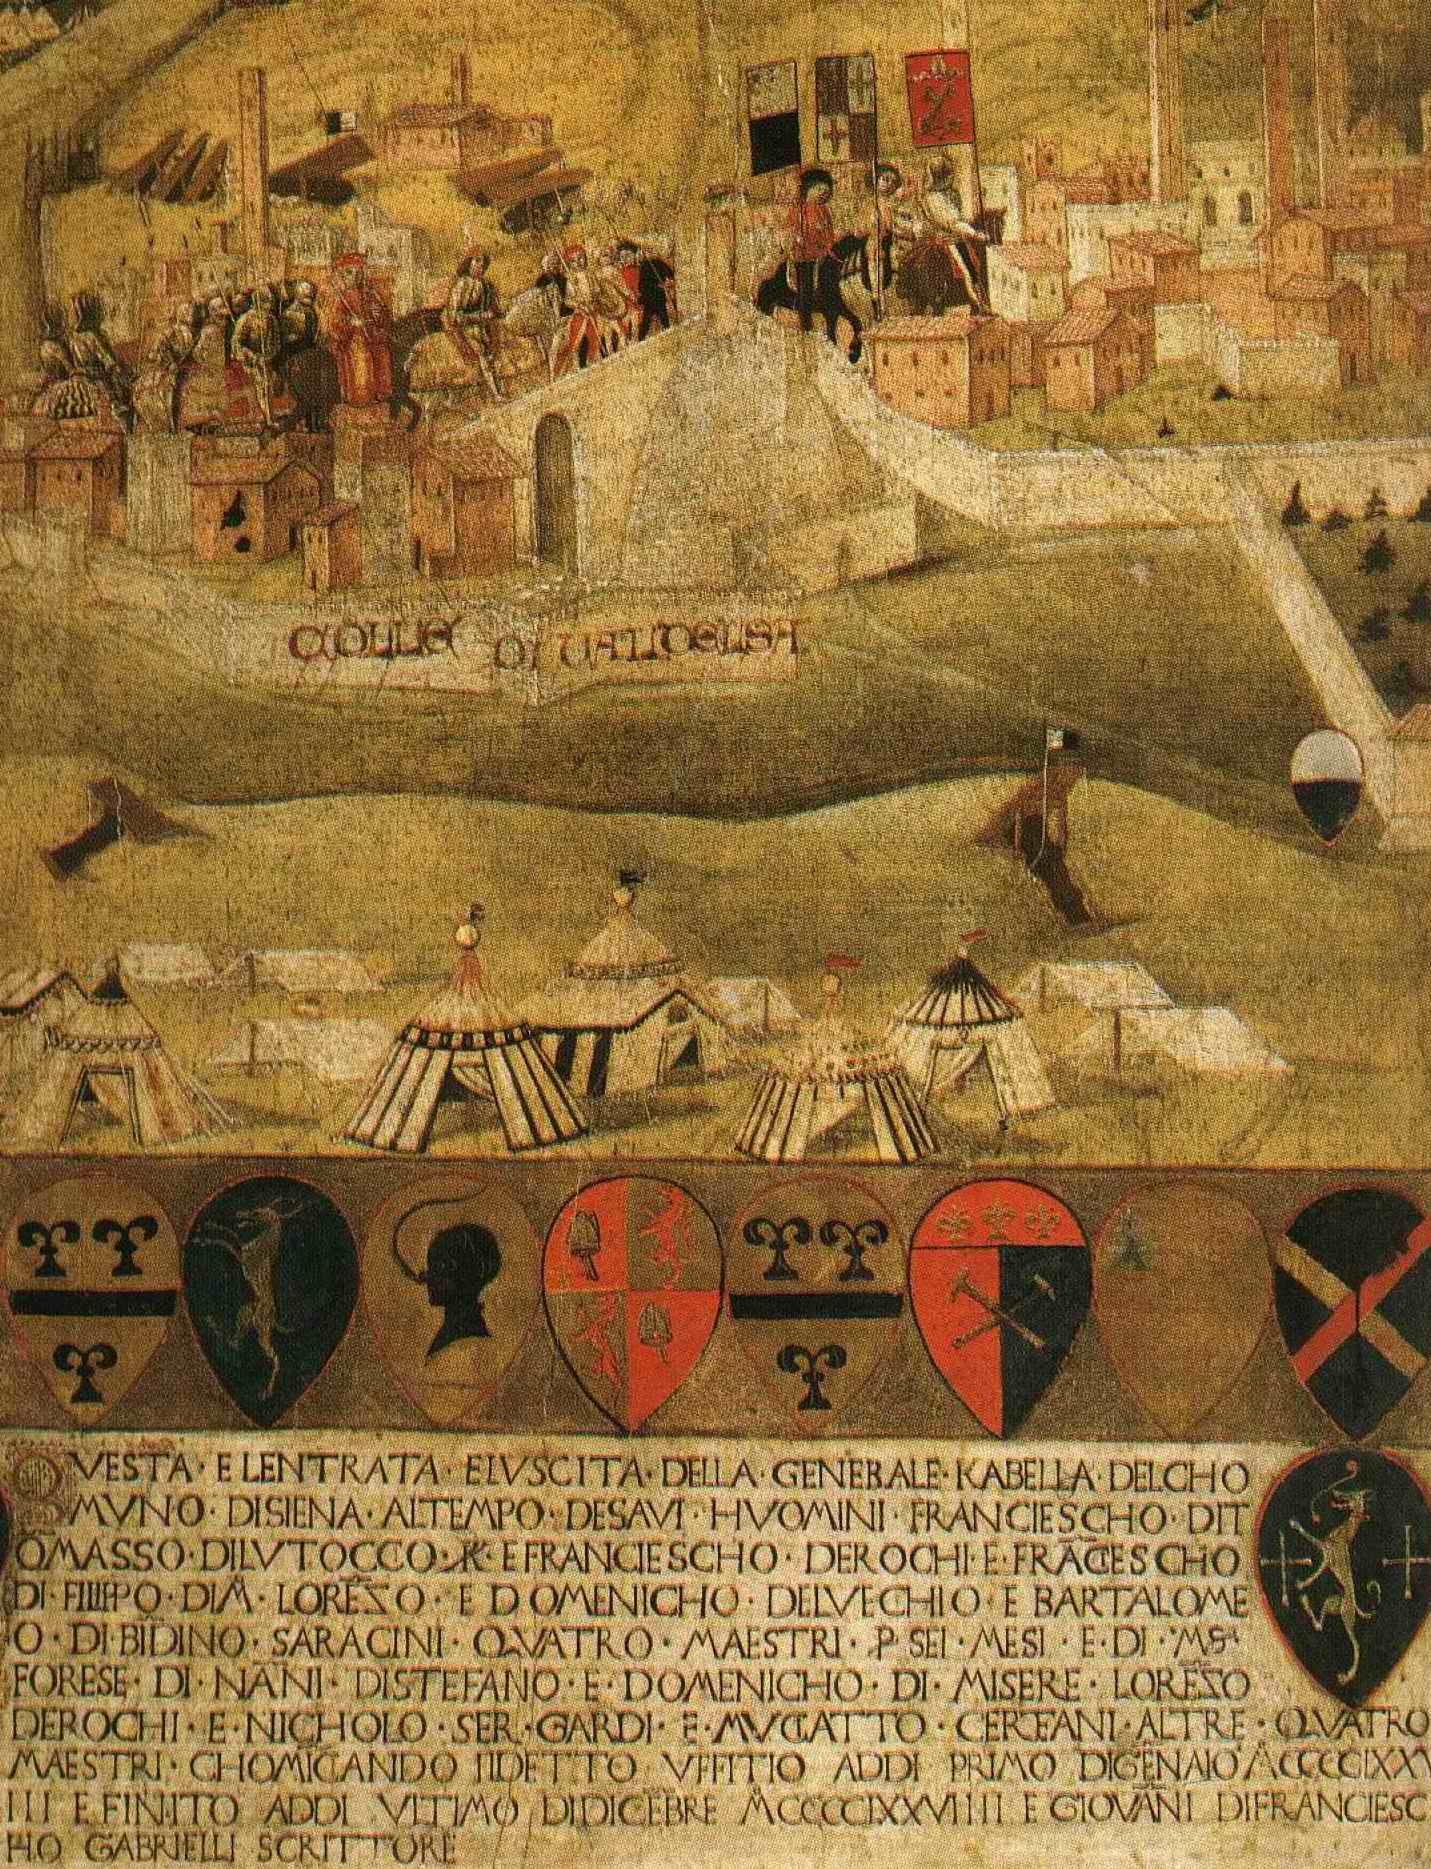 Tavola di Gabella del 1479 raffigurante l'Assedio di Colle Val d'Elsa